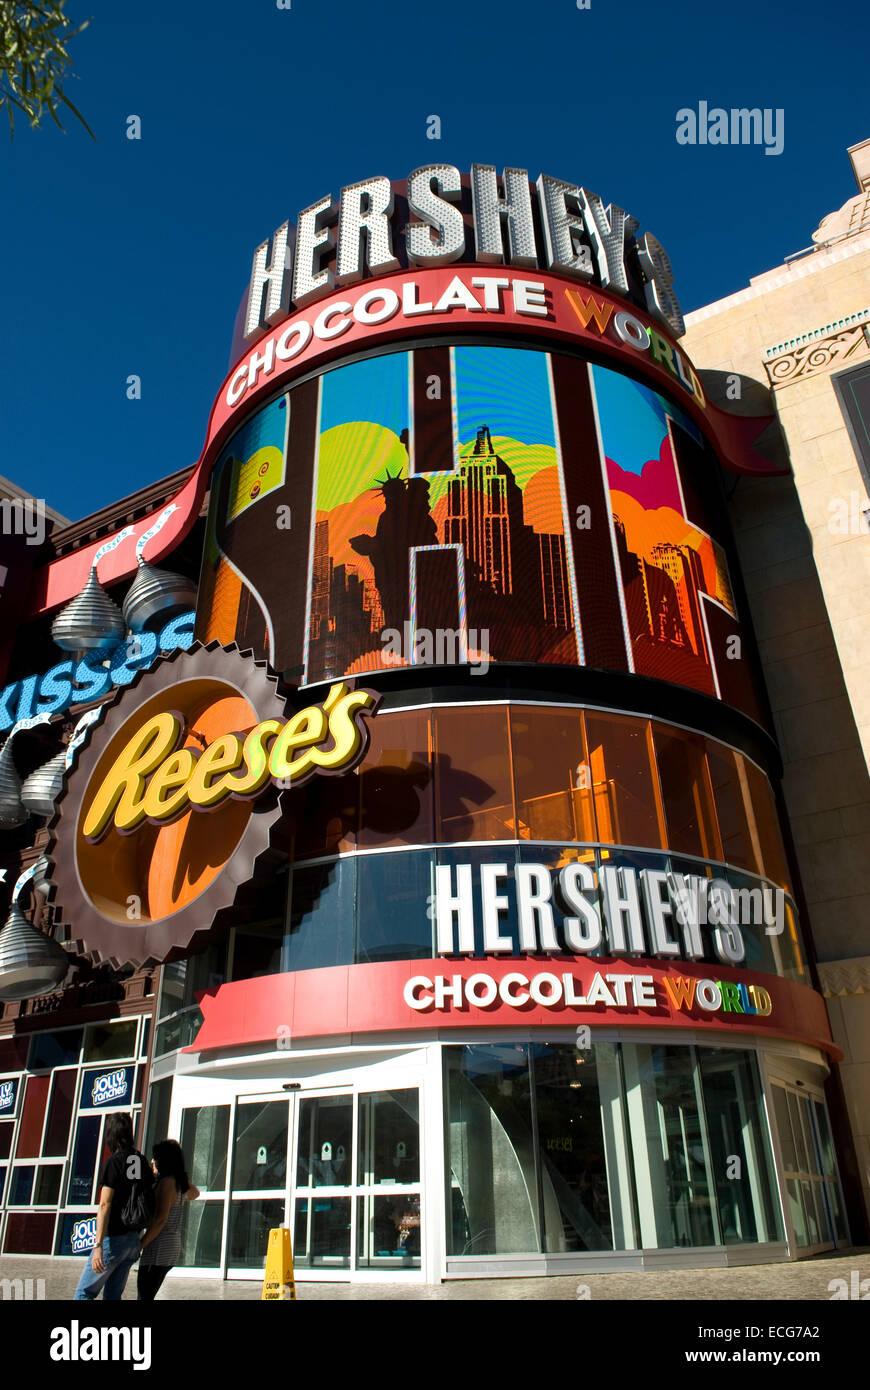 Hershey's Chocolate World Las Vegas Nevada USA Stock Photo ...